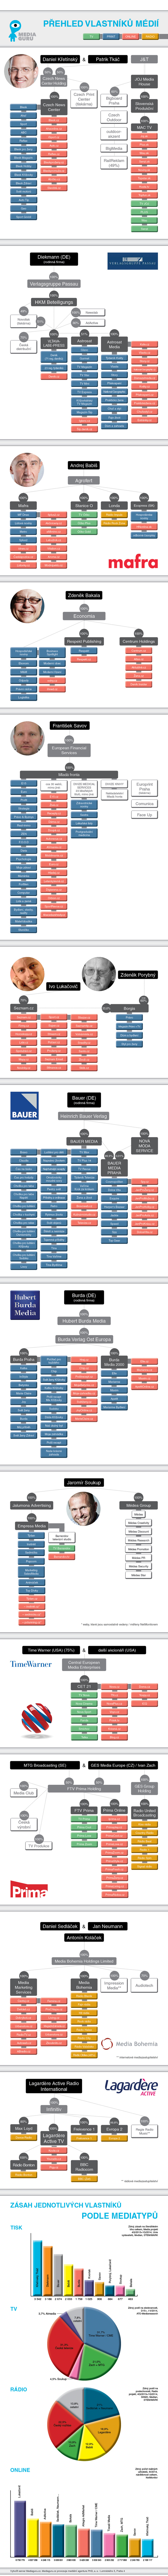 MG_vlastnici_medii_infografika_vse